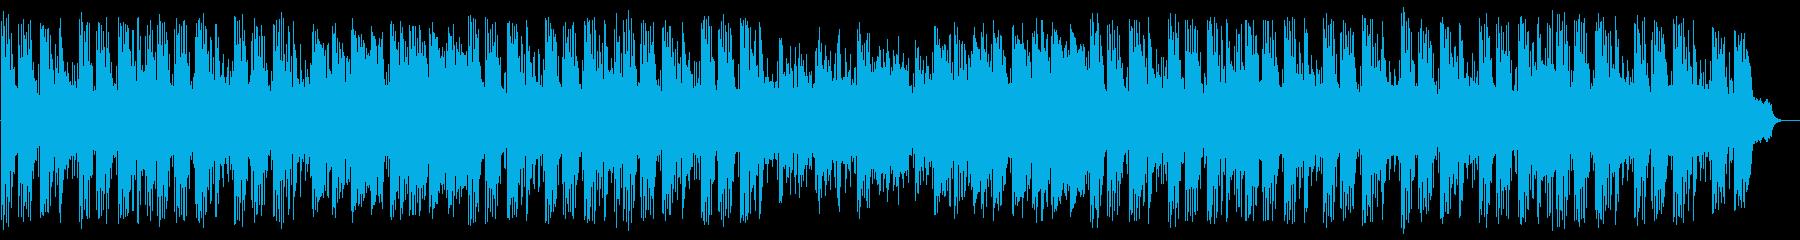 オリエンタルなメロディの中華街風BGMの再生済みの波形